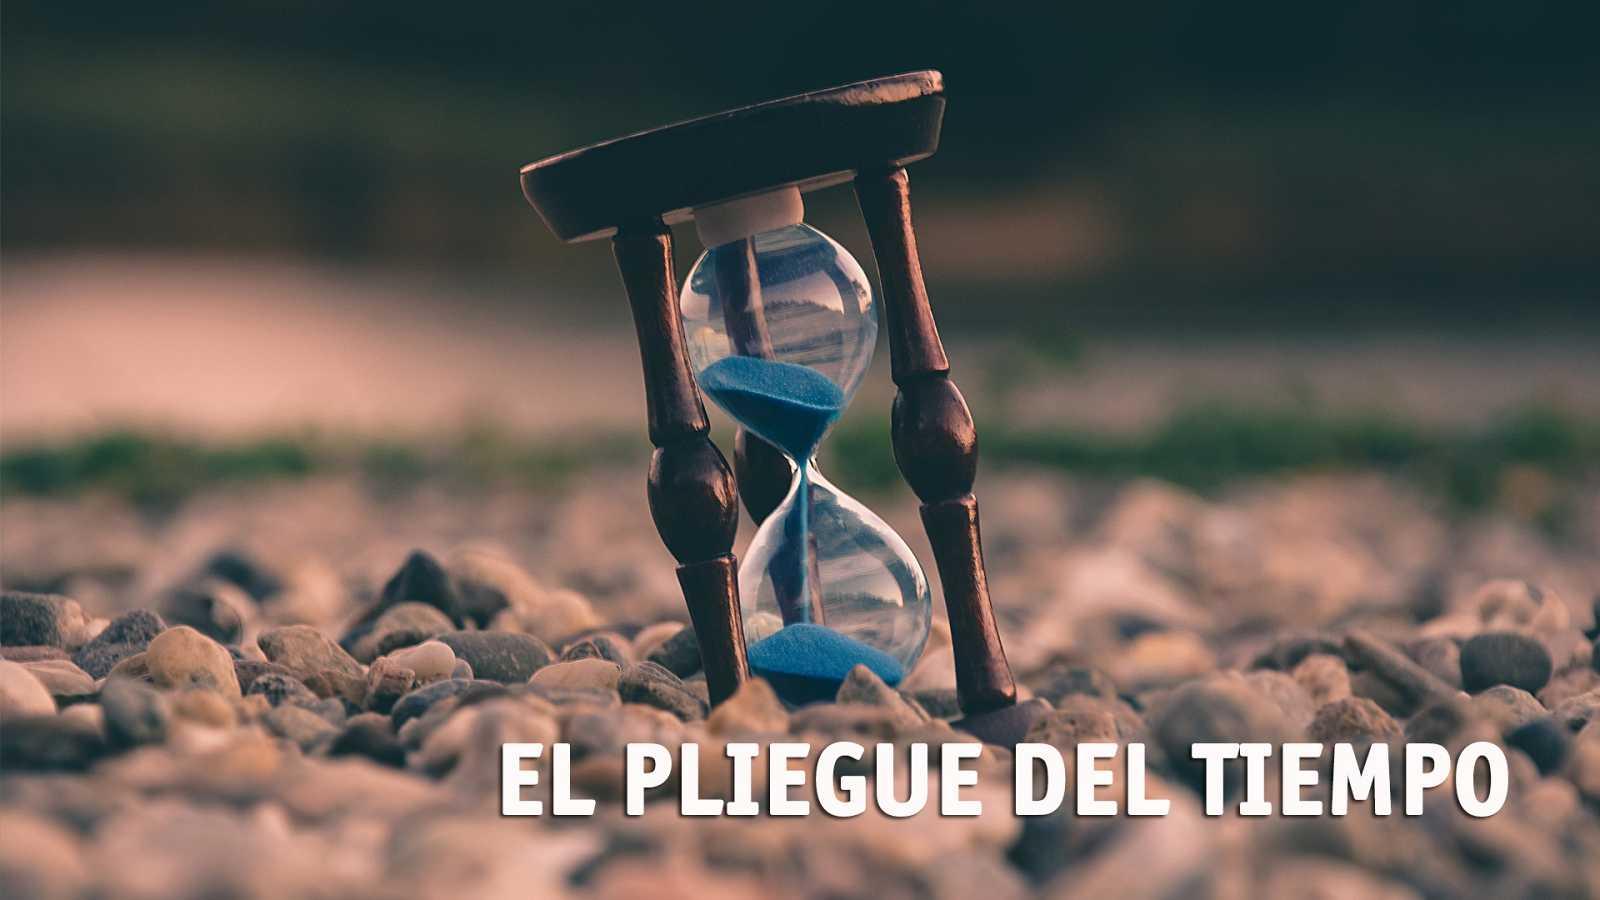 El pliegue del tiempo - Jesús Guridi y Félix Ibarrondo - 28/02/18 - escuchar ahora